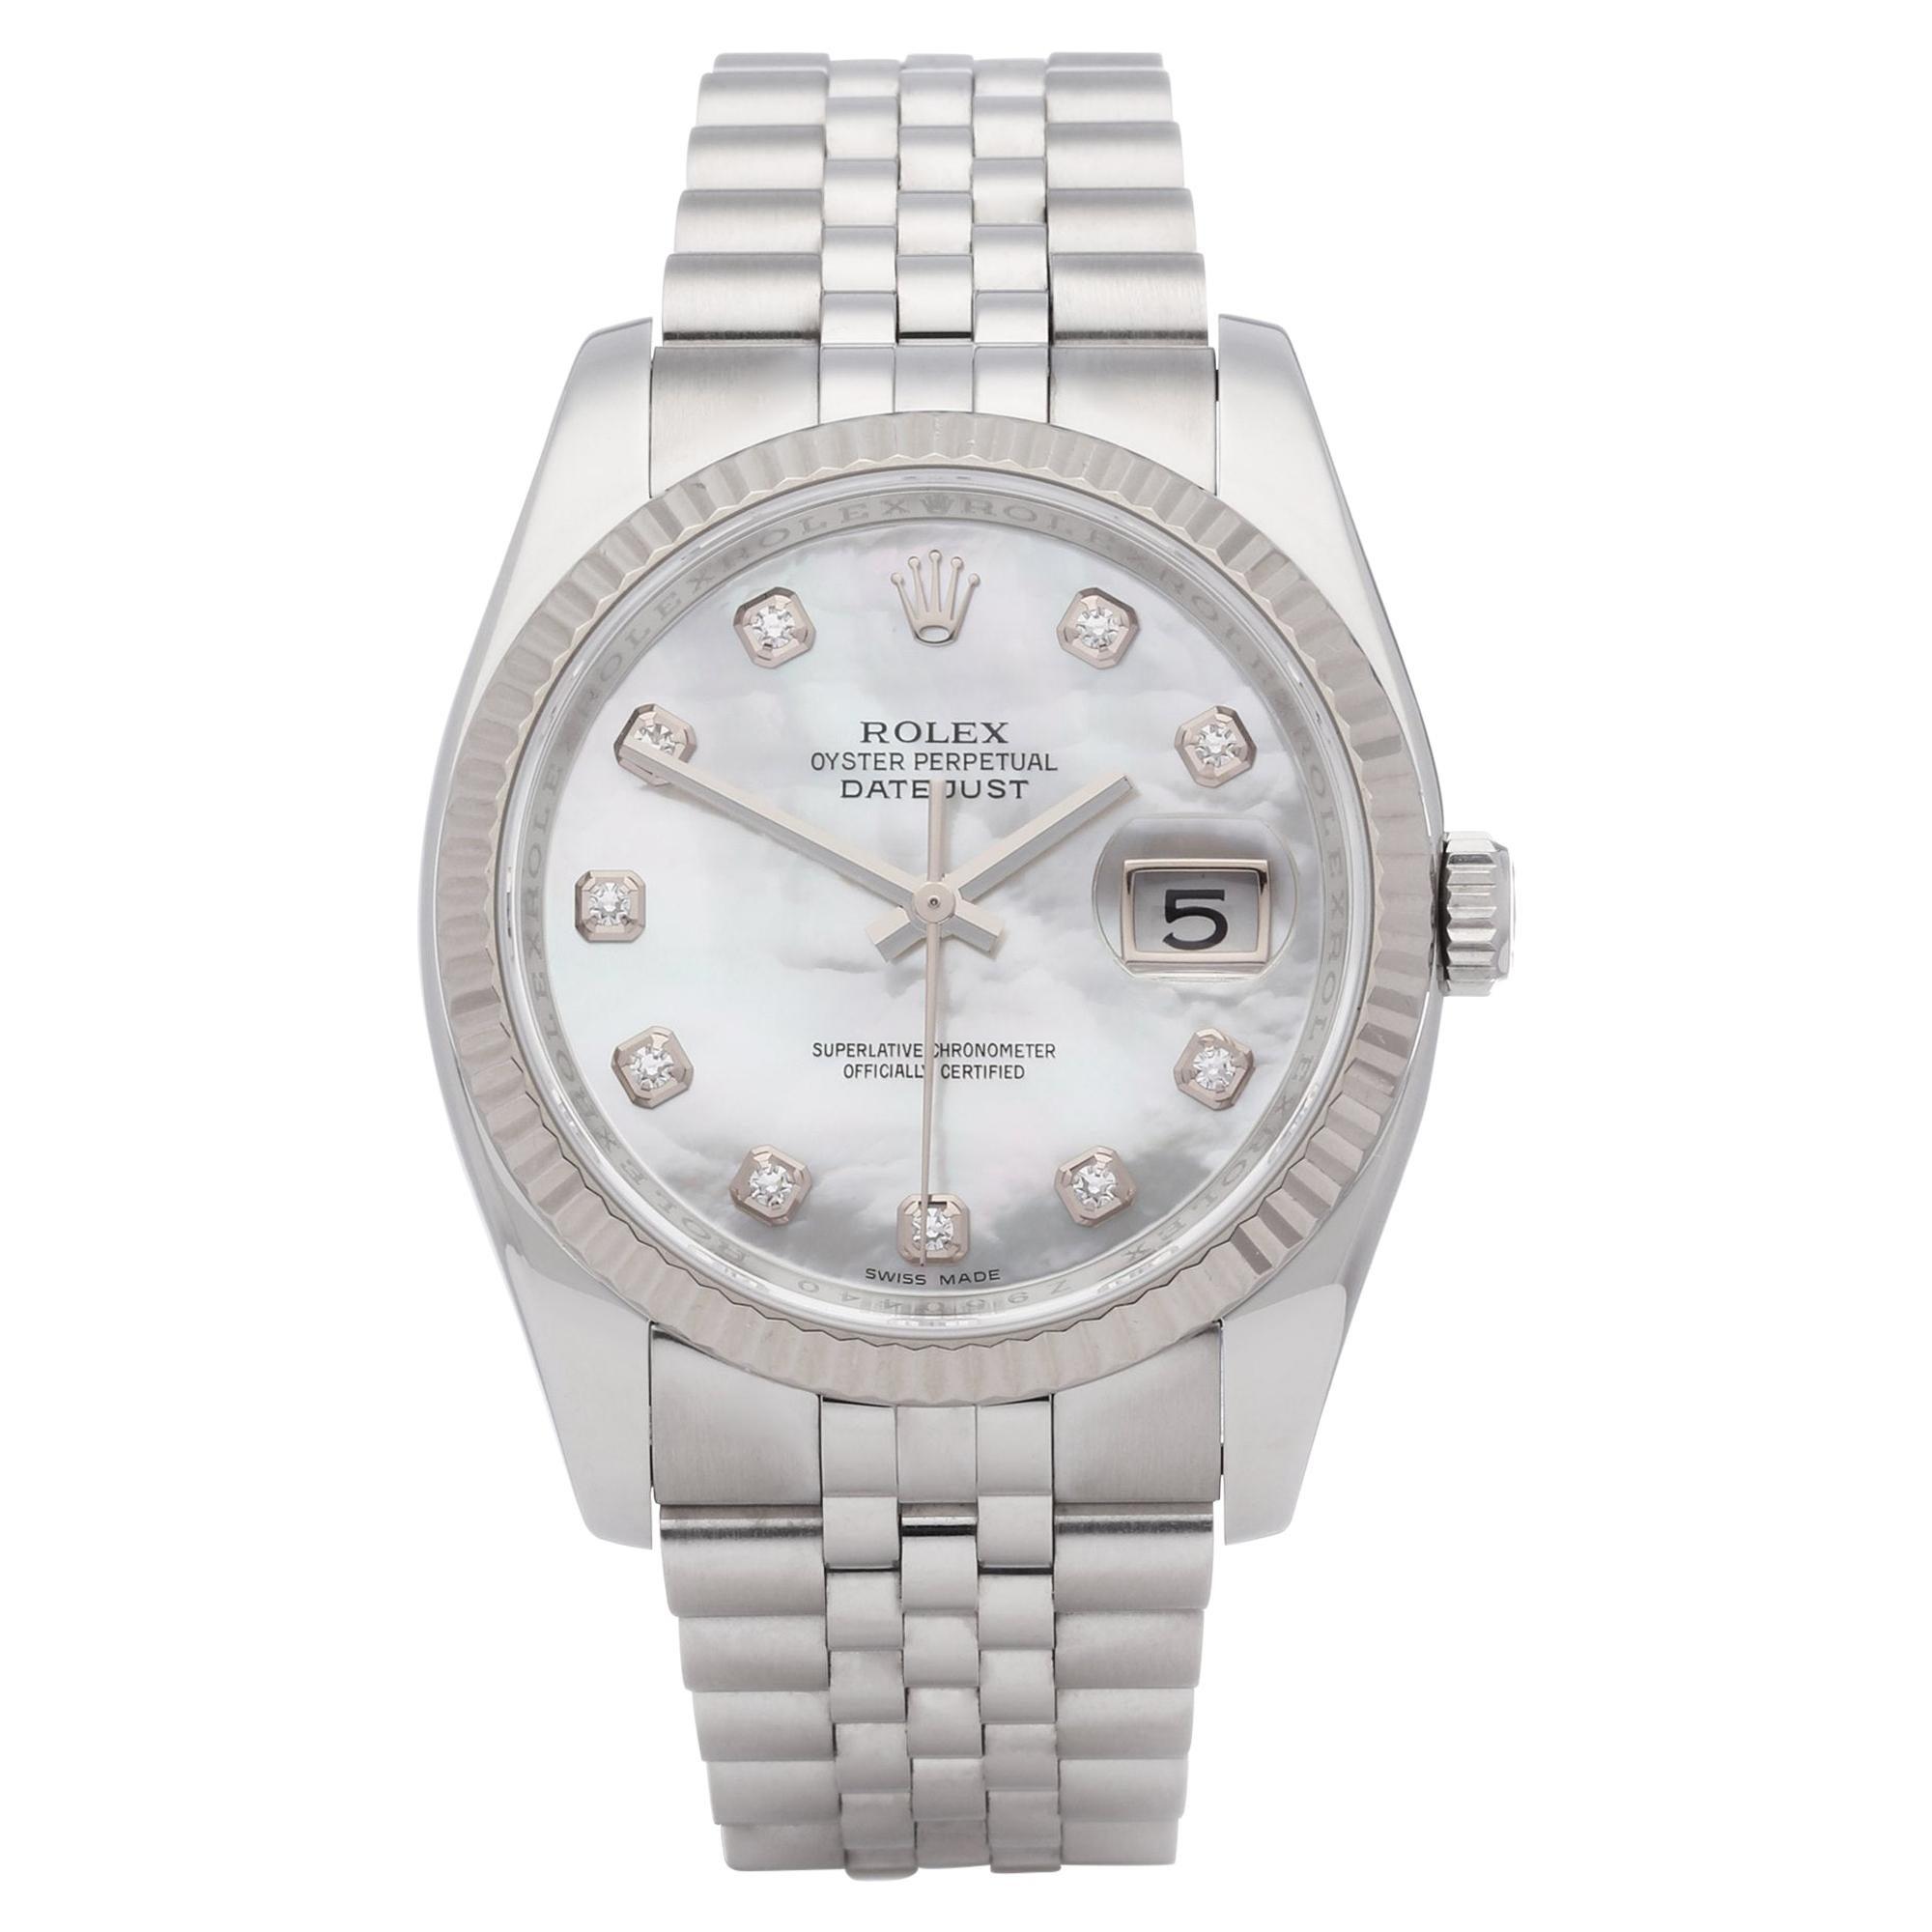 Rolex Datejust 36 116234 Unisex Stainless Steel 0 Watch